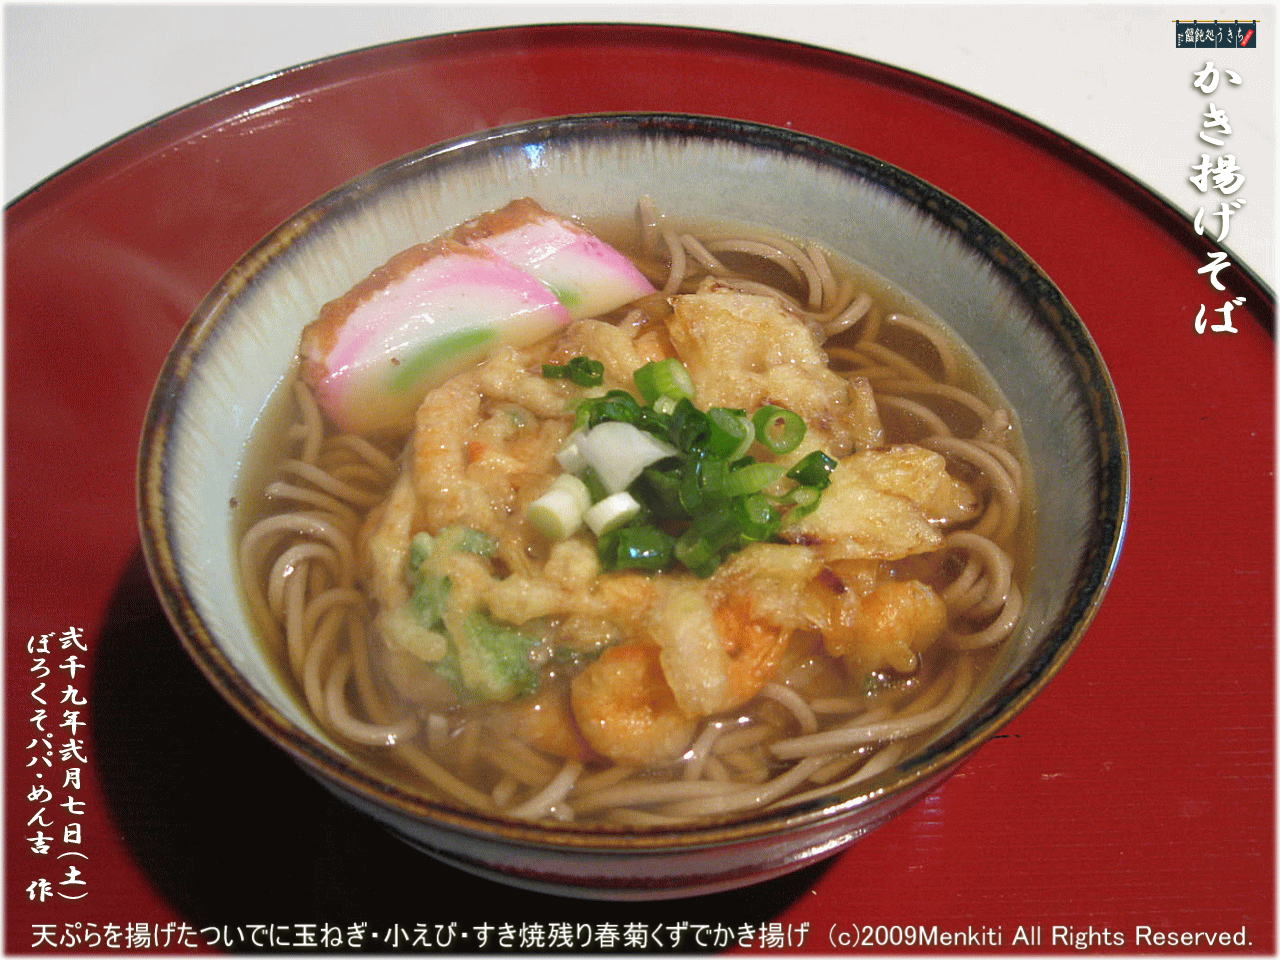 2/7(土)天ぷらを揚げたついでに玉ねぎ・小えび・すき焼残り春菊くずでかき揚げ @キャツピ&めん吉の【ぼろくそパパの独り言】     ▼クリックで1280x960pxlsに拡大します。